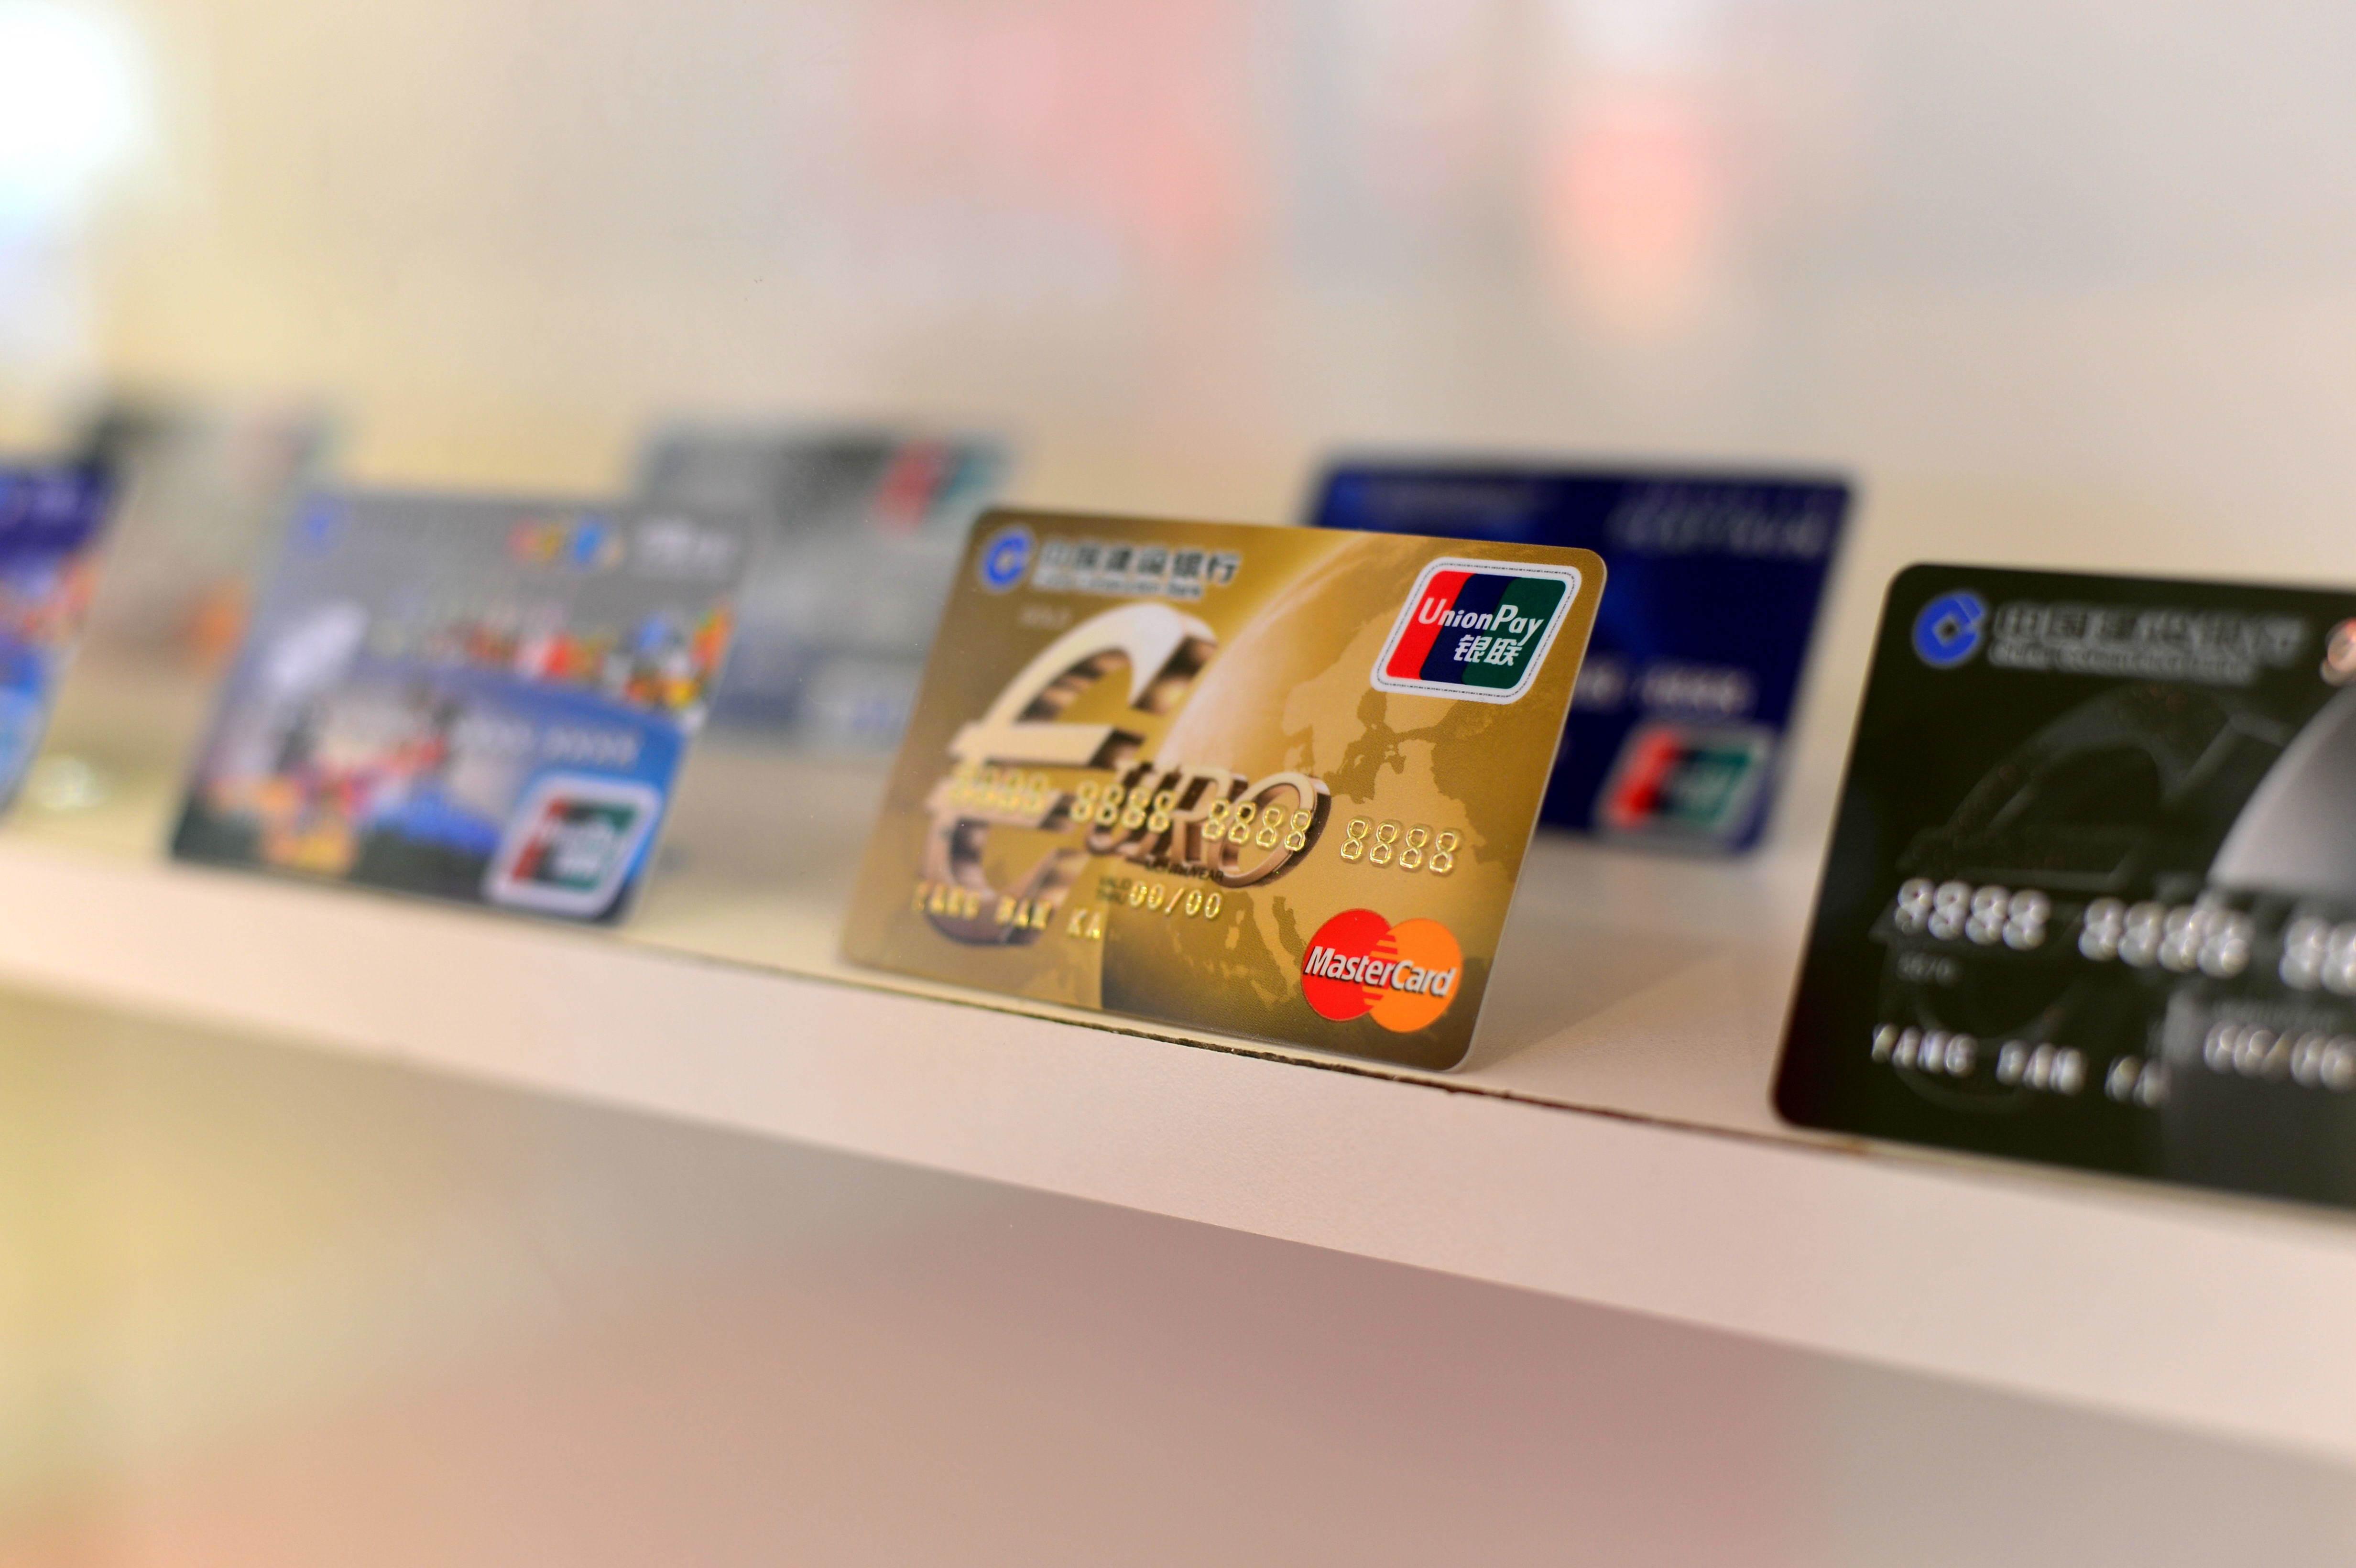 想知道信用卡提额能否成功?这3个方面就可以看出来!